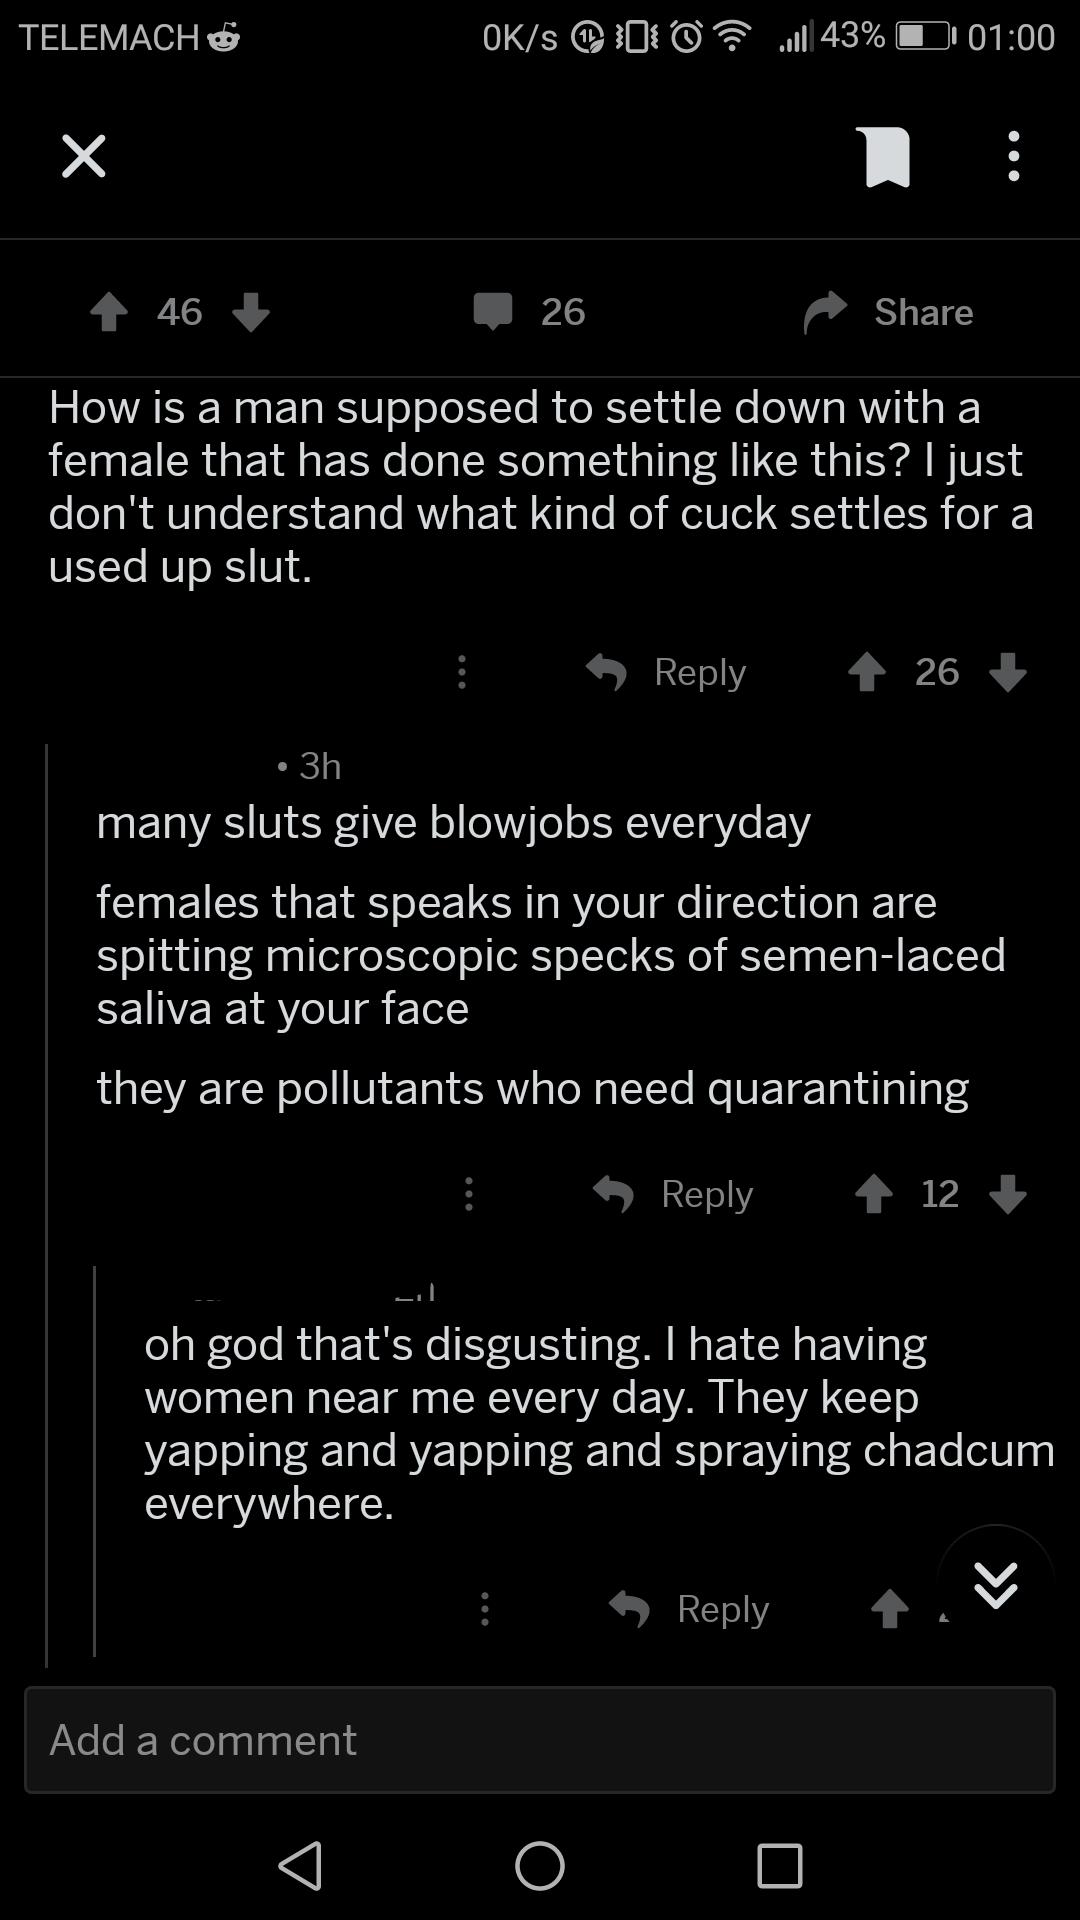 Saliva harmful to sperm